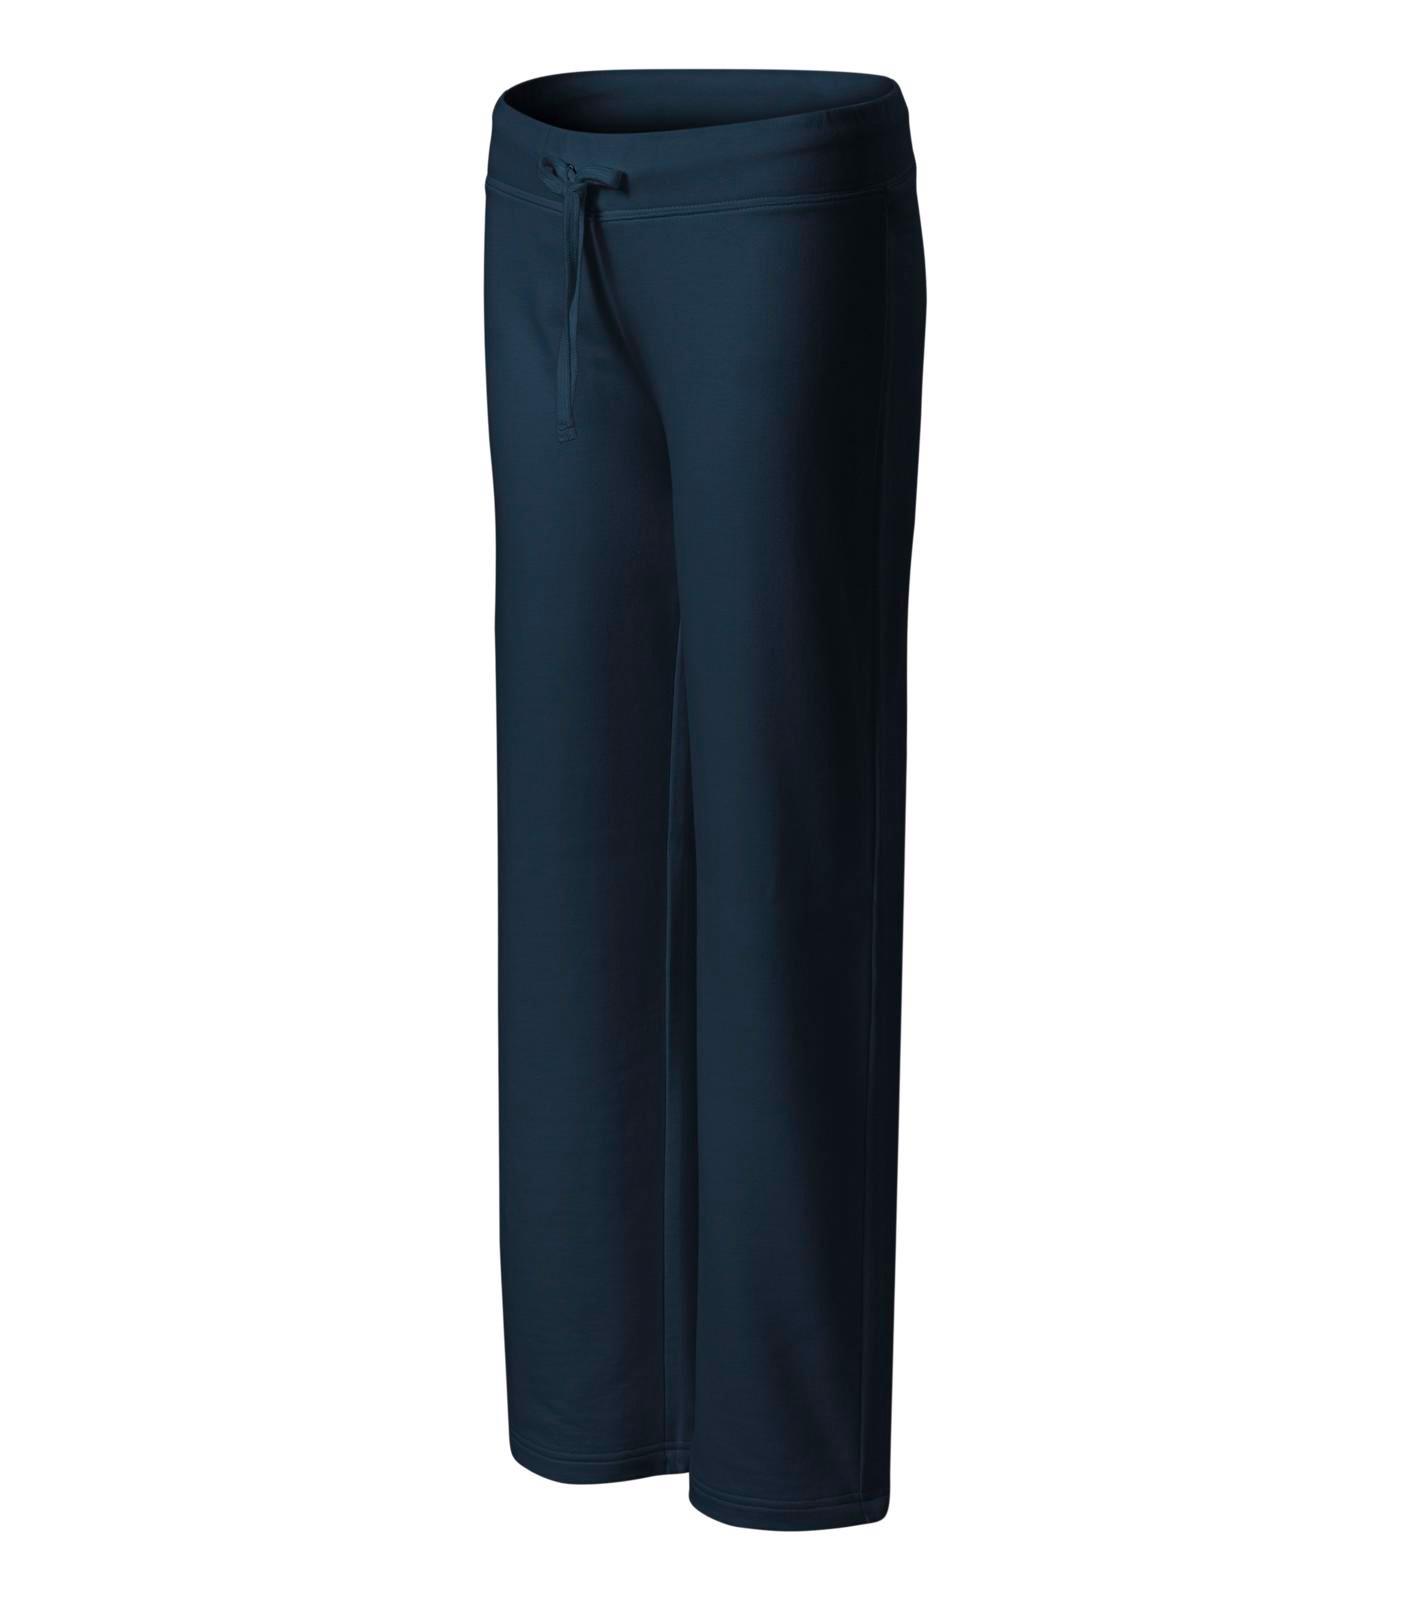 Tepláky dámské Malfini Comfort - Námořní Modrá / XS